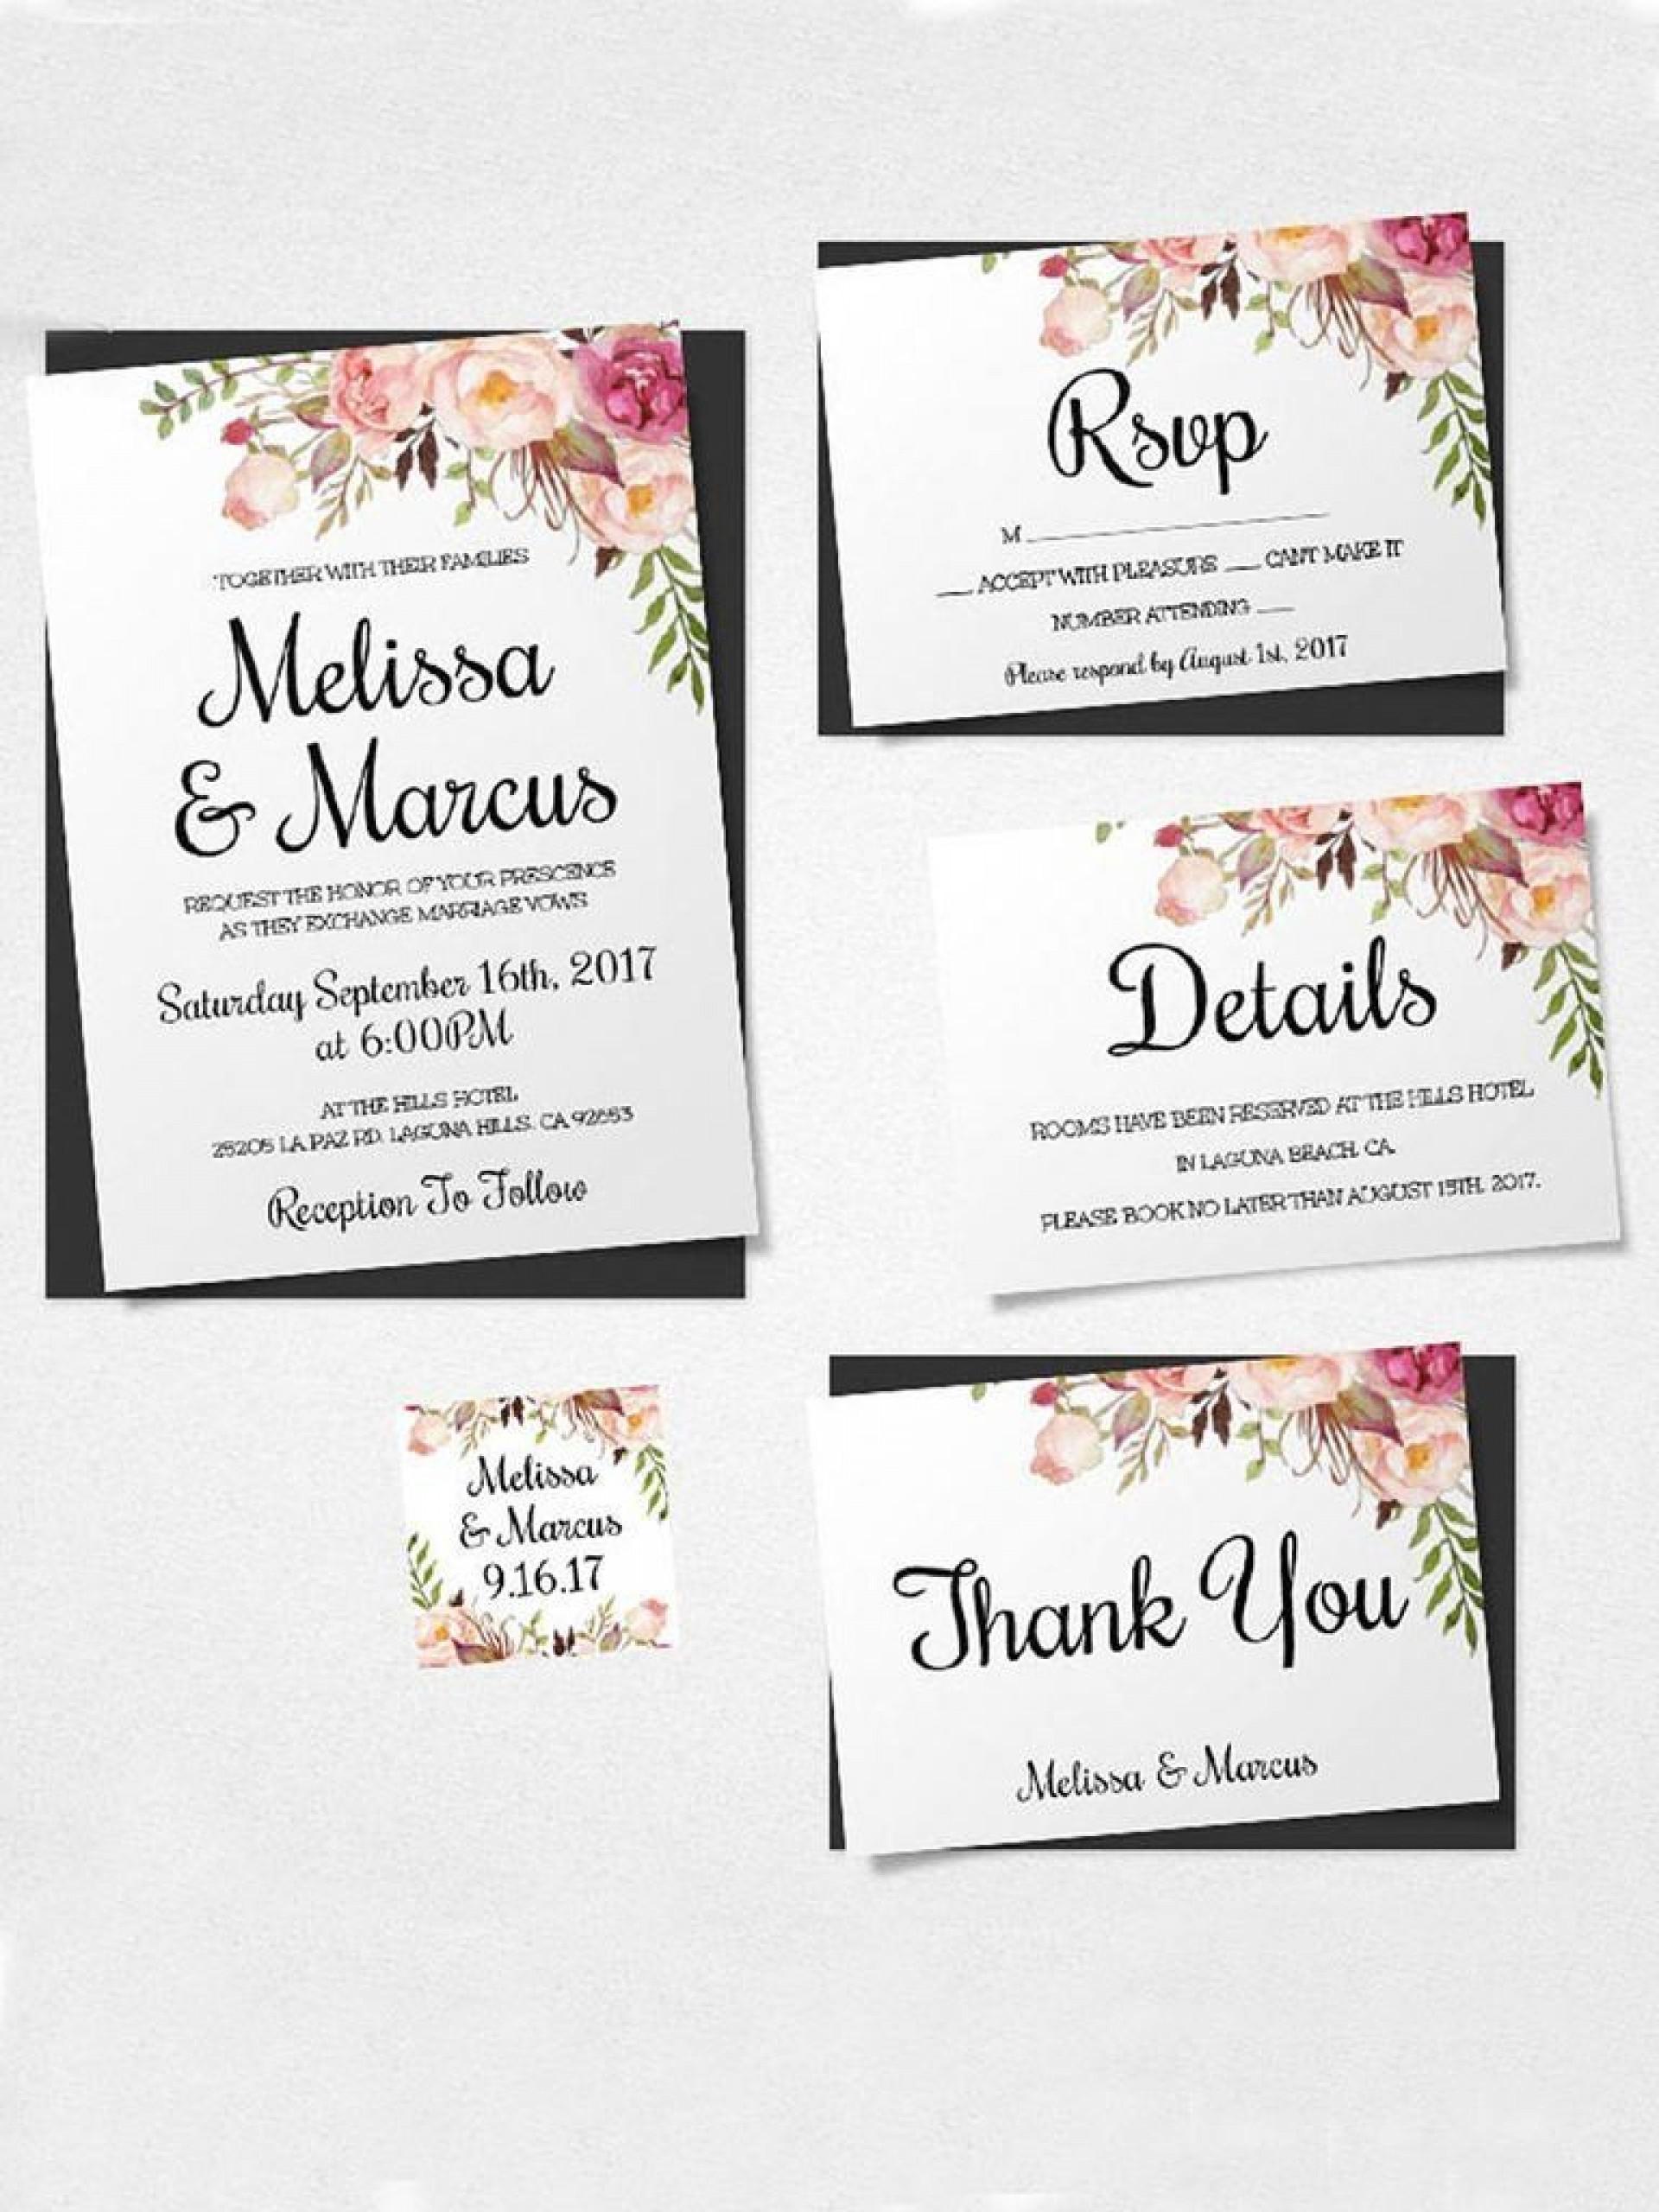 000 Unusual Printable Wedding Invitation Template Sample  Free For Microsoft Word Vintage1920